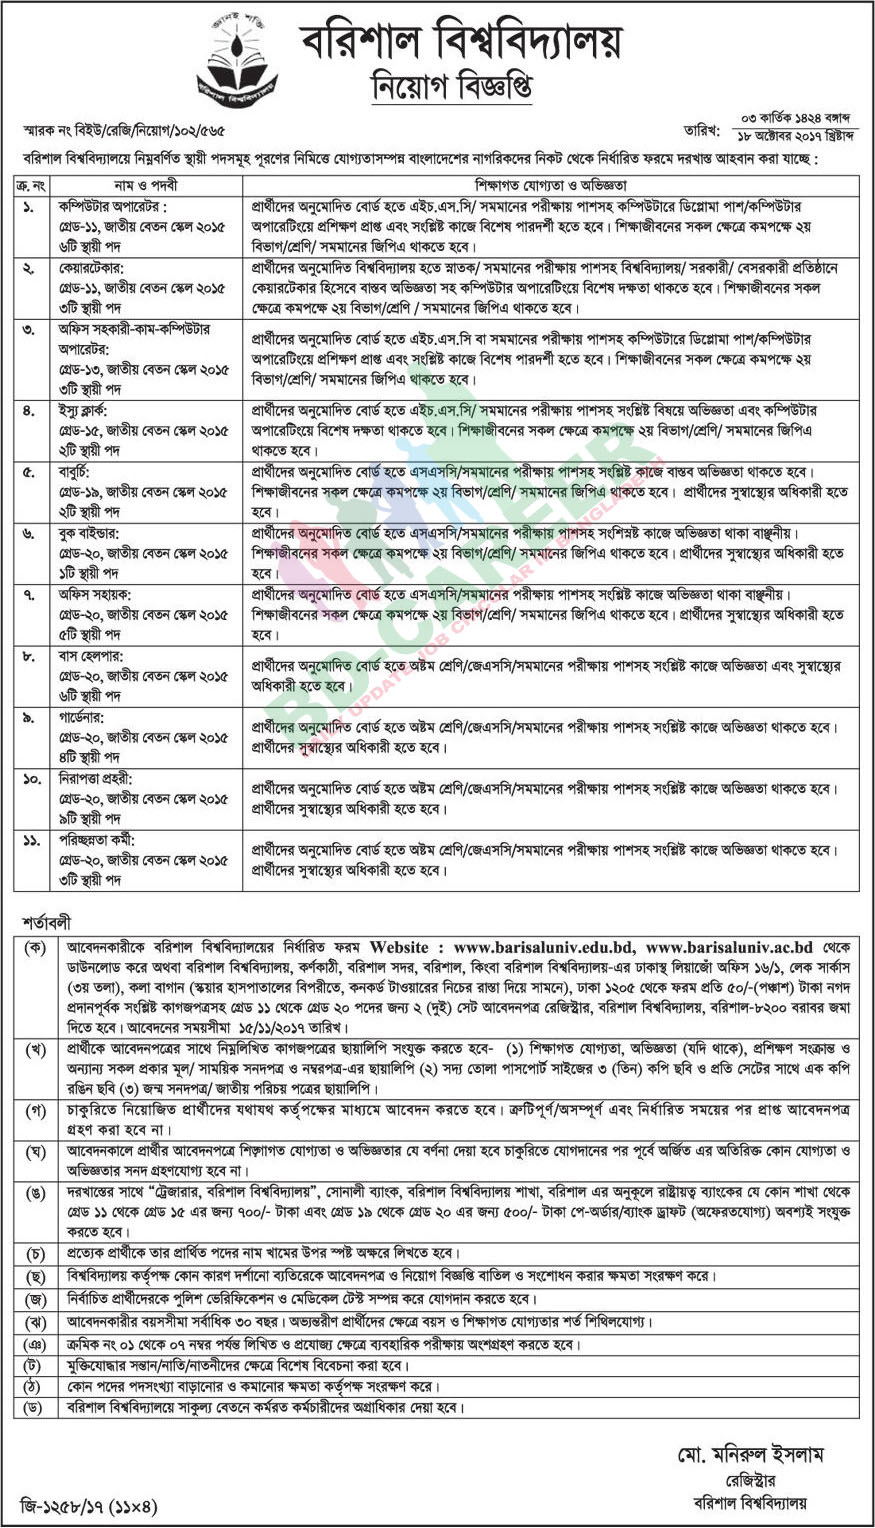 Barishaluniv job circular